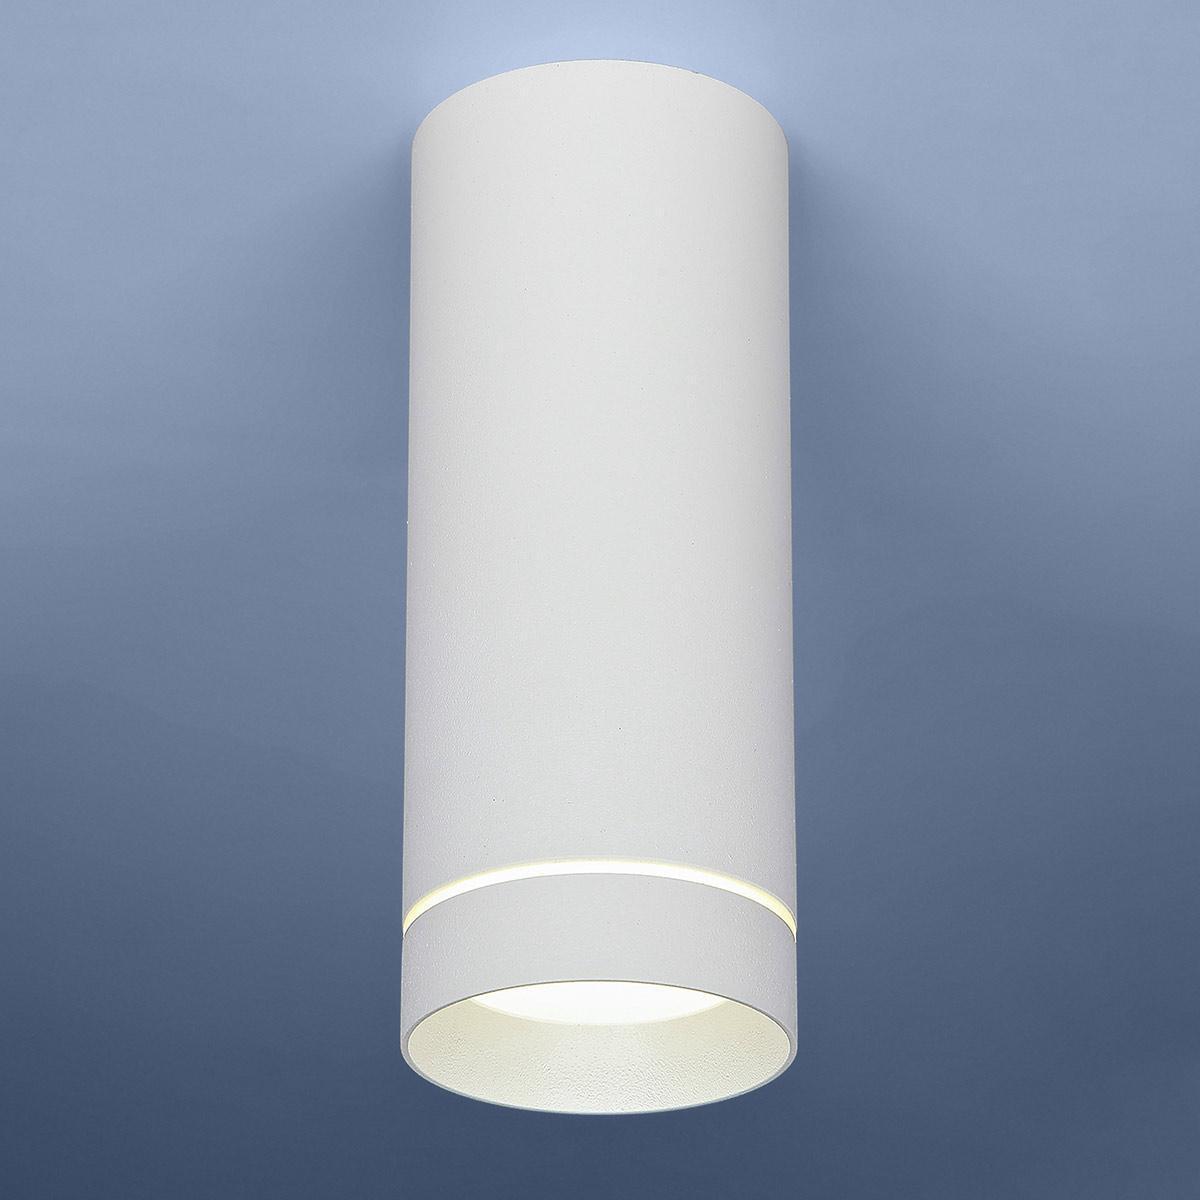 Потолочный светодиодный светильник Elektrostandard DLR022 12W 4200K белый матовый 4690389102974 elektrostandard накладной точечный светильник elektrostandard dlr022 12w 4200k черный матовый 4690389102967